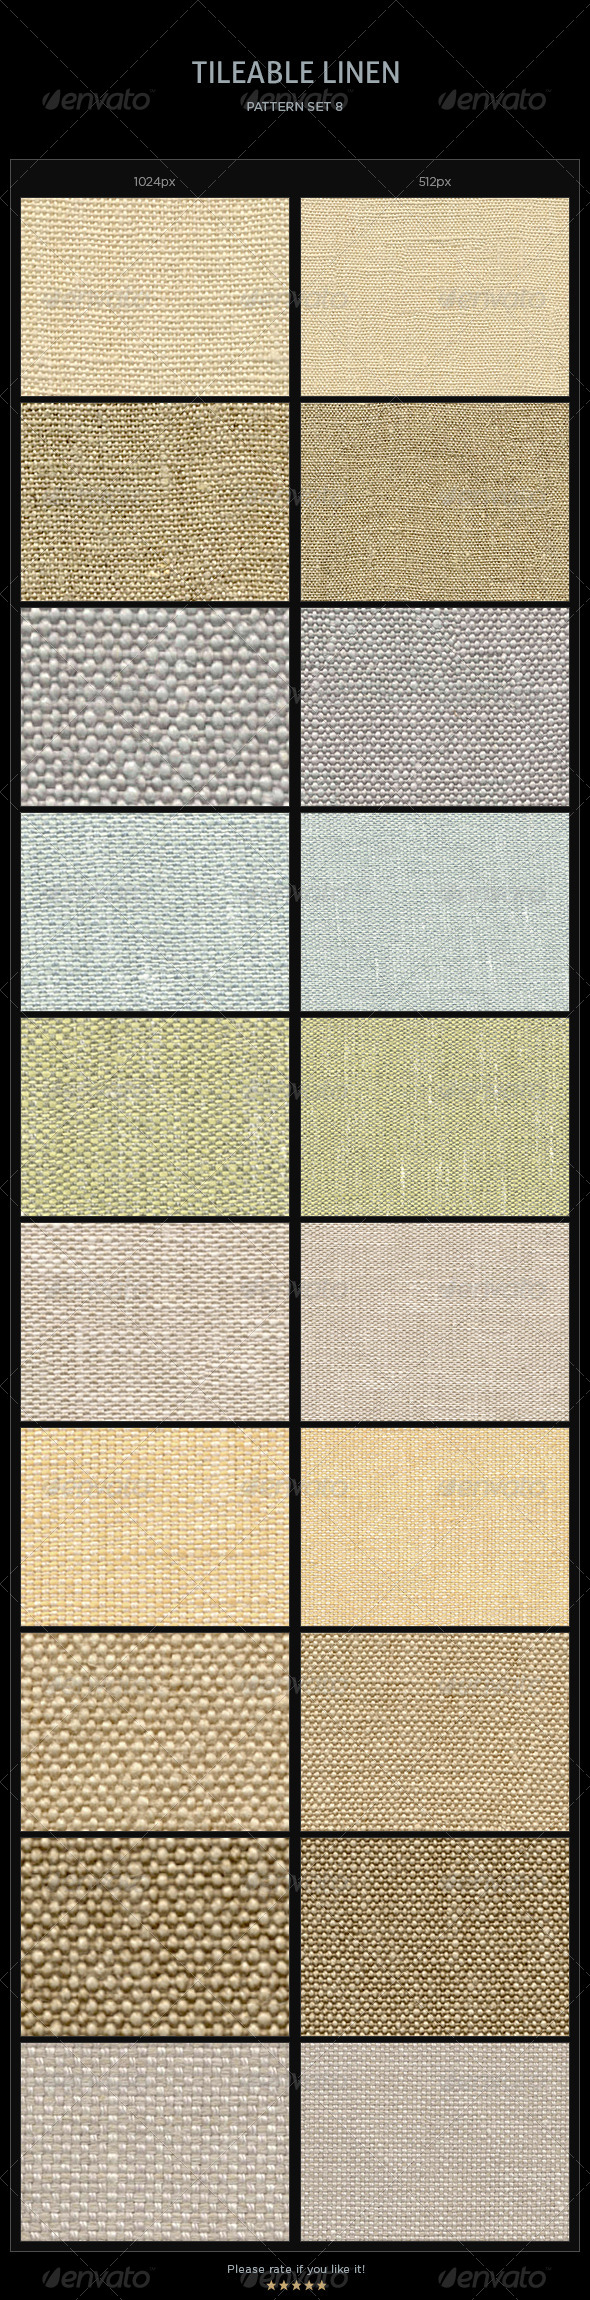 GraphicRiver 10 Tileable Linen Textures Patterns 4279388